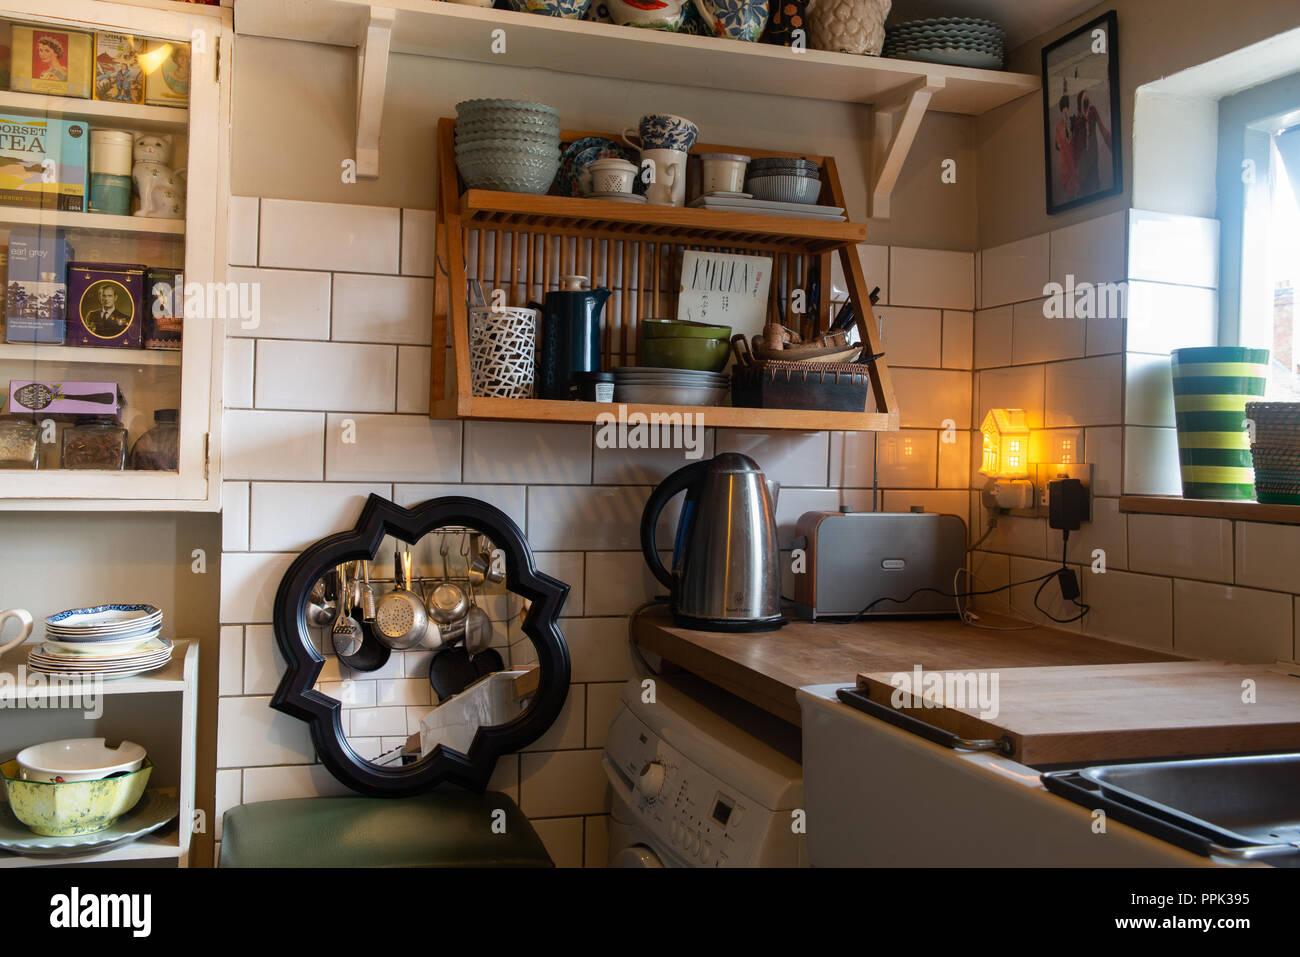 Vecchia cucina in stile vintage con utensili da cucina, dissipatore ...